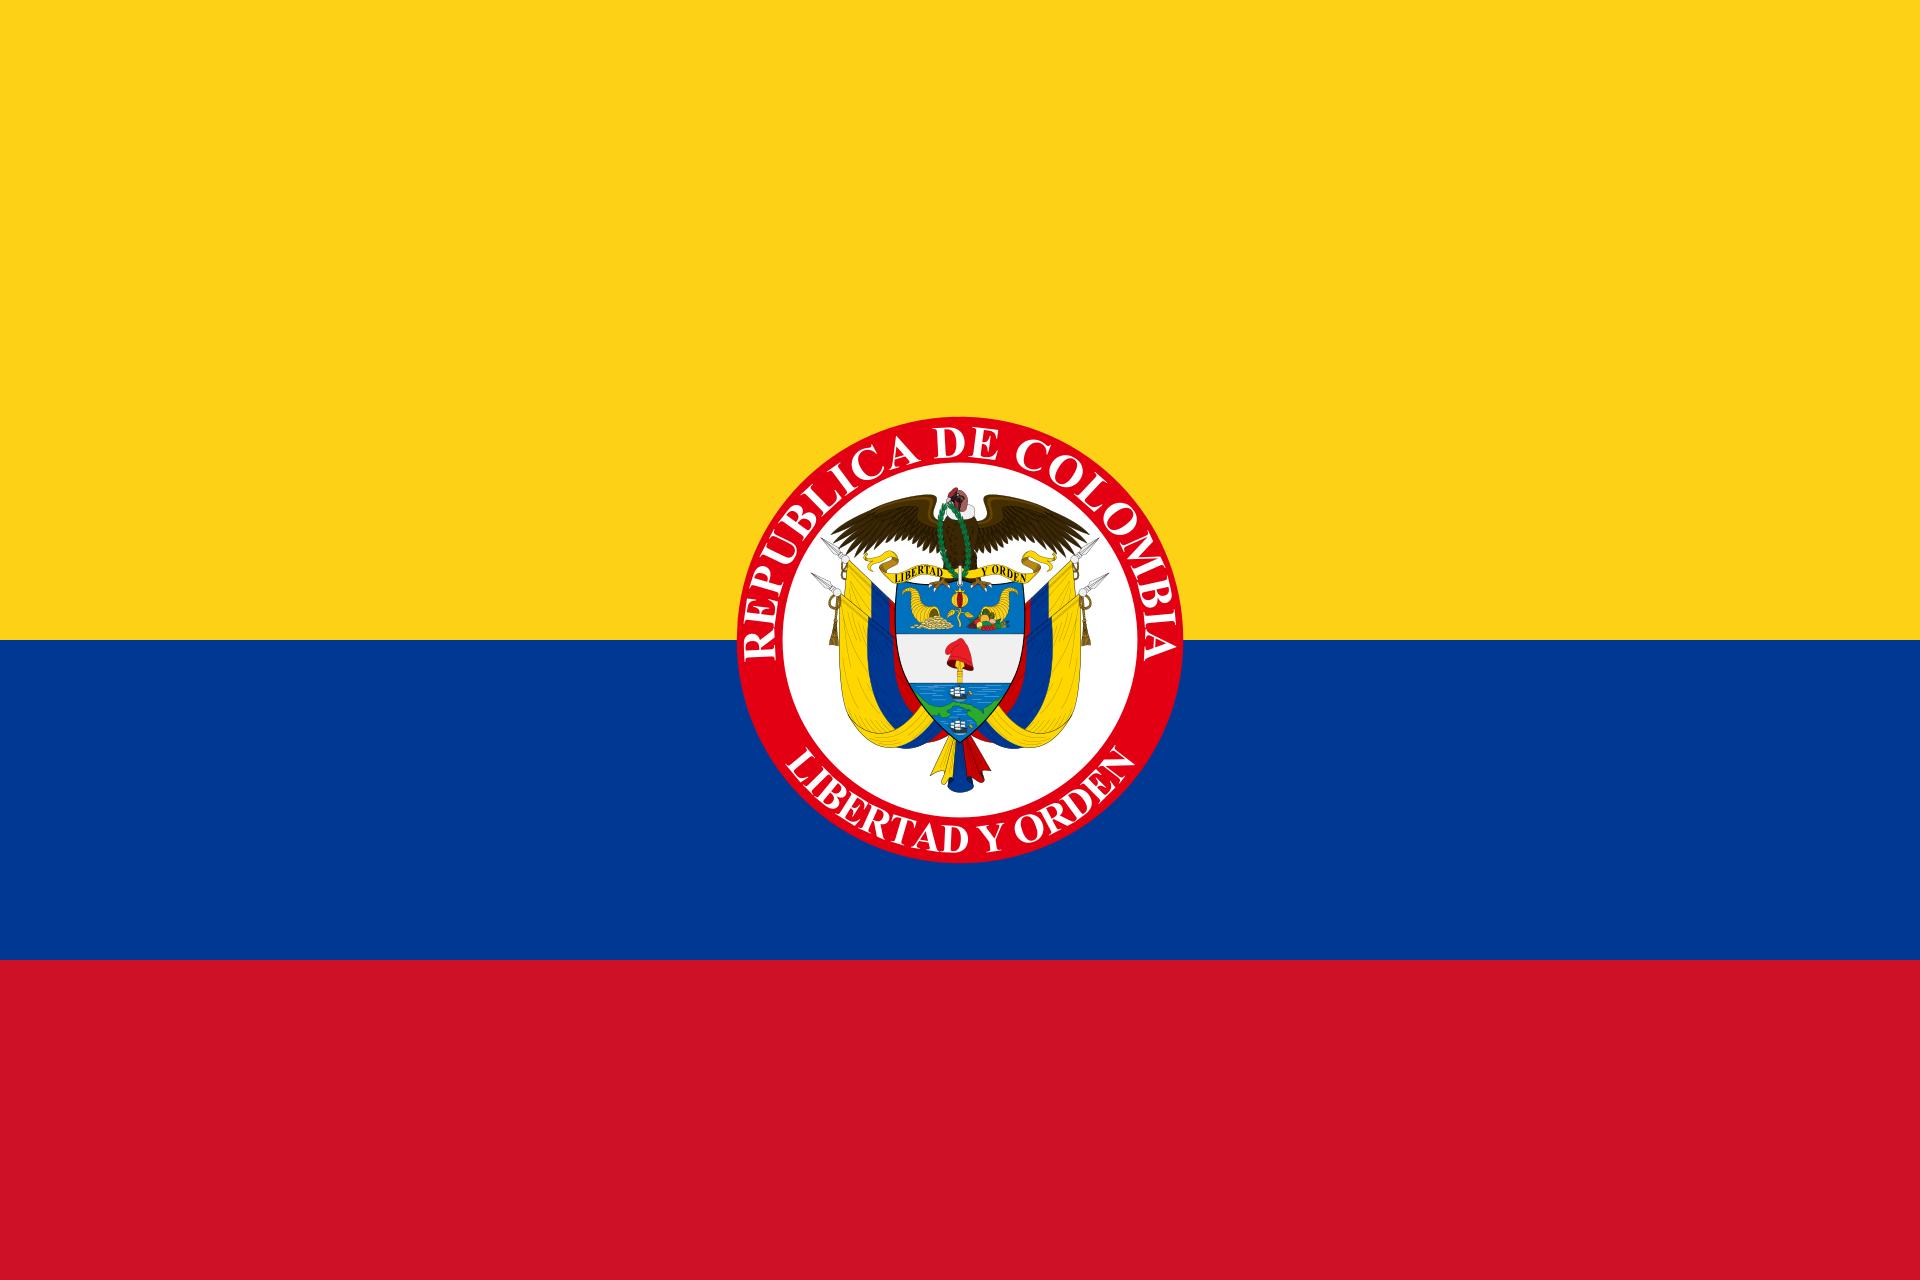 Bandera Colombia Presidencial